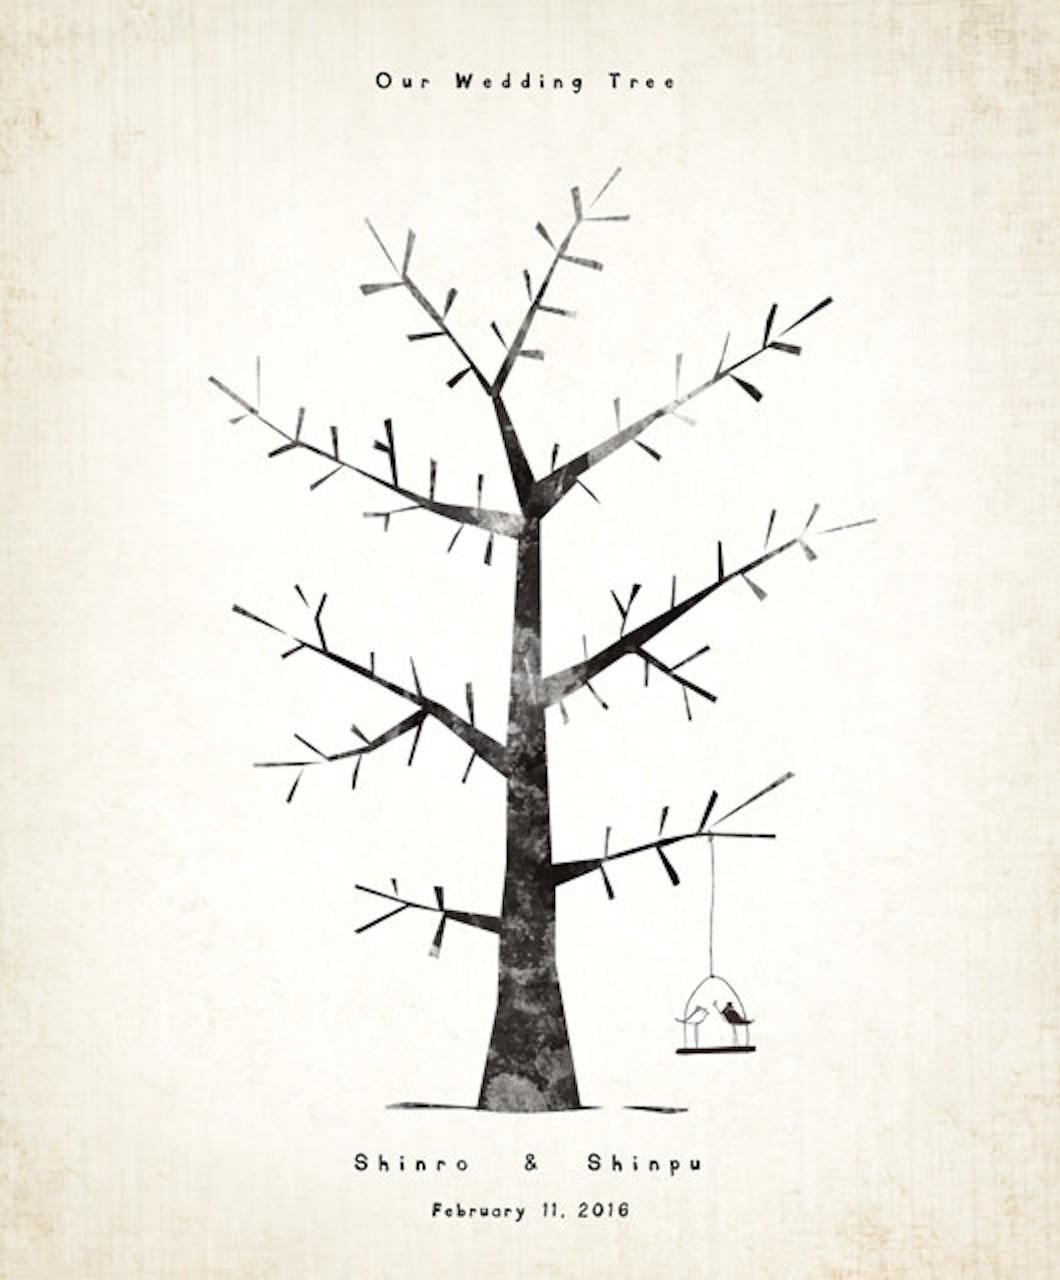 切り絵風のウェディングツリーのイラスト